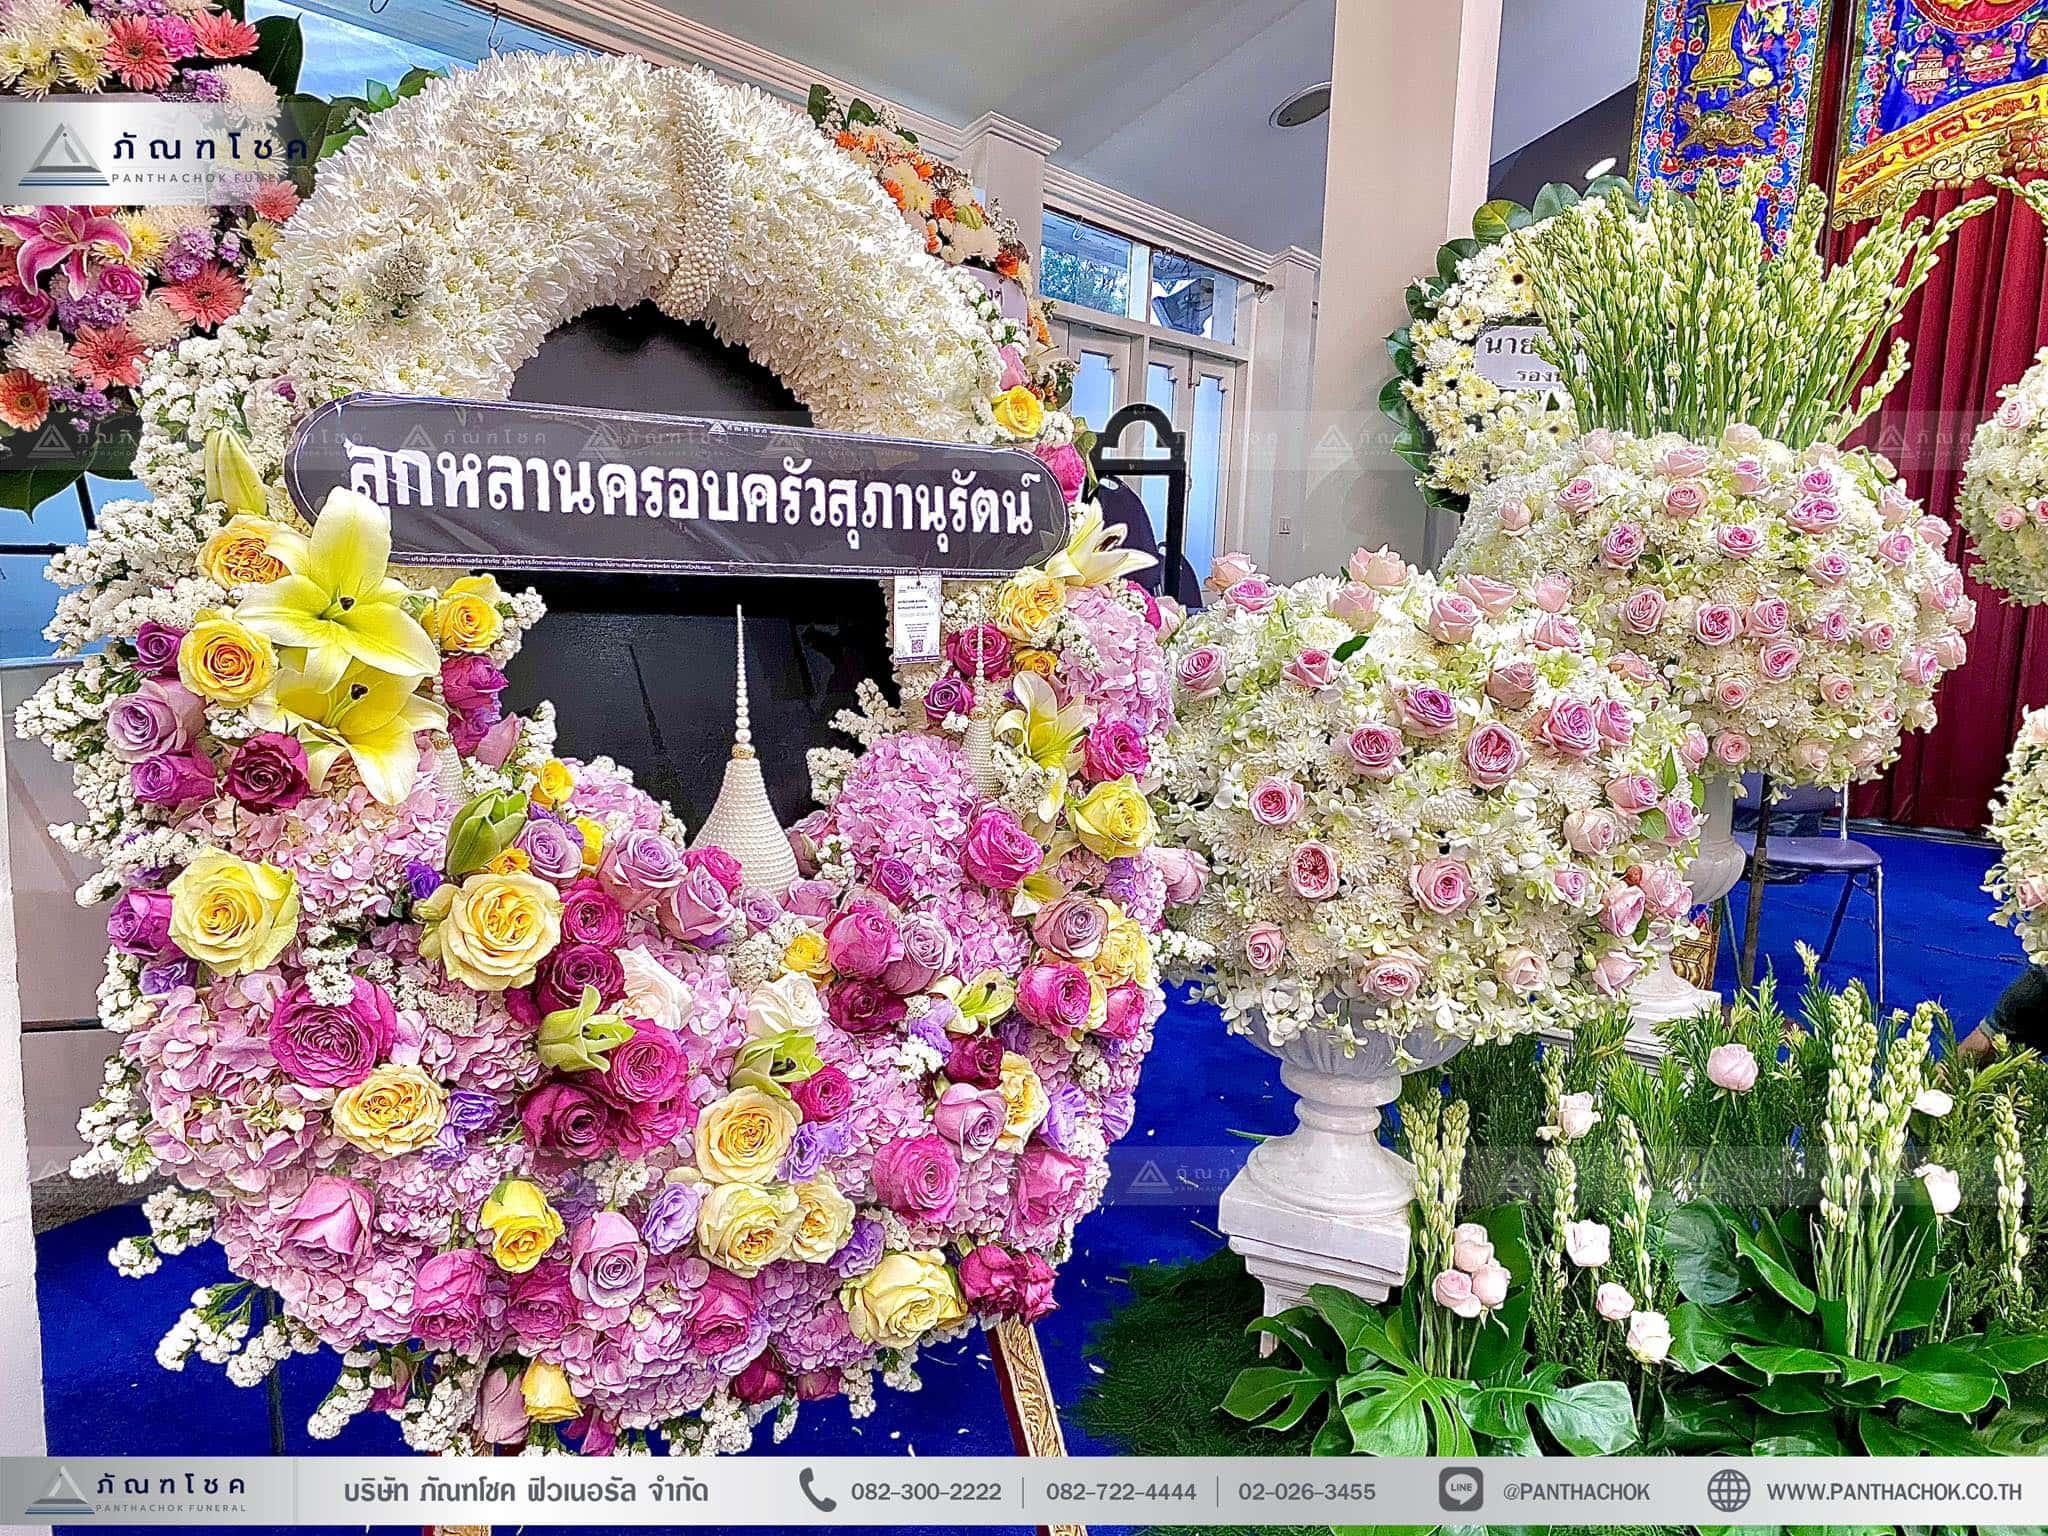 พวงหรีดดอกไม้สด ดอกไม้งานศพโทนสีขาวชมพู